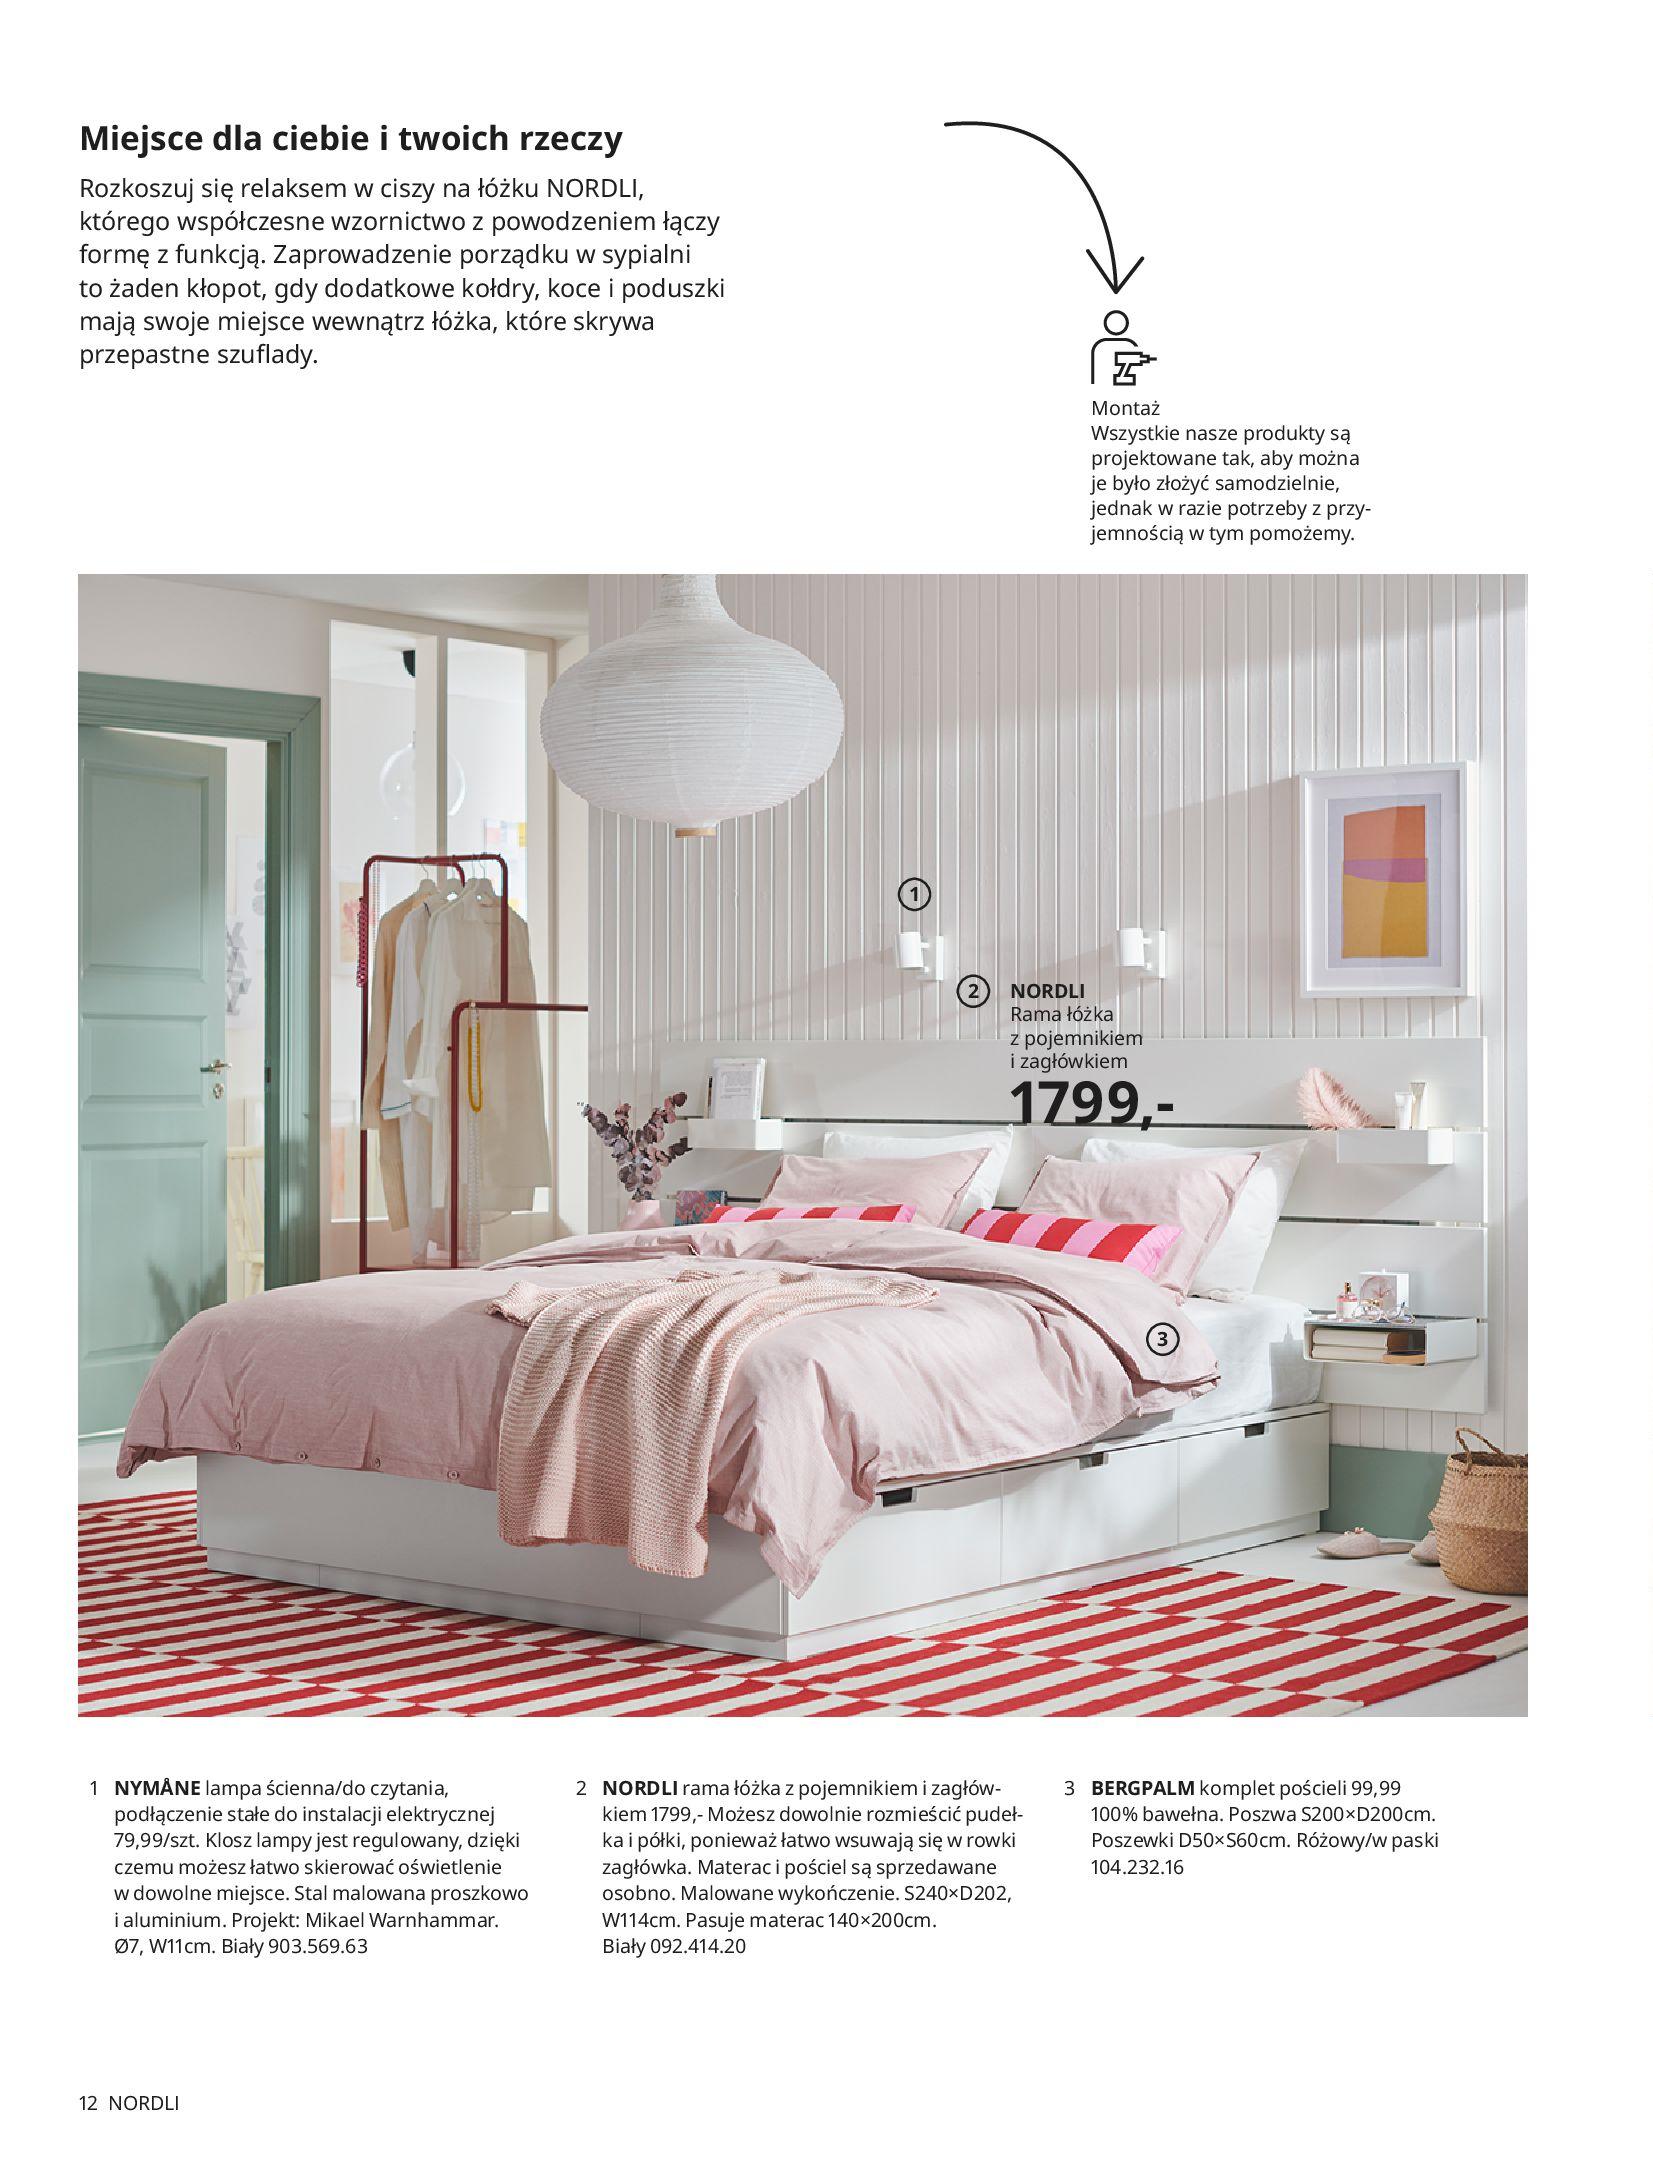 Gazetka IKEA: SYPIALNIA 2021 2021-01-13 page-12